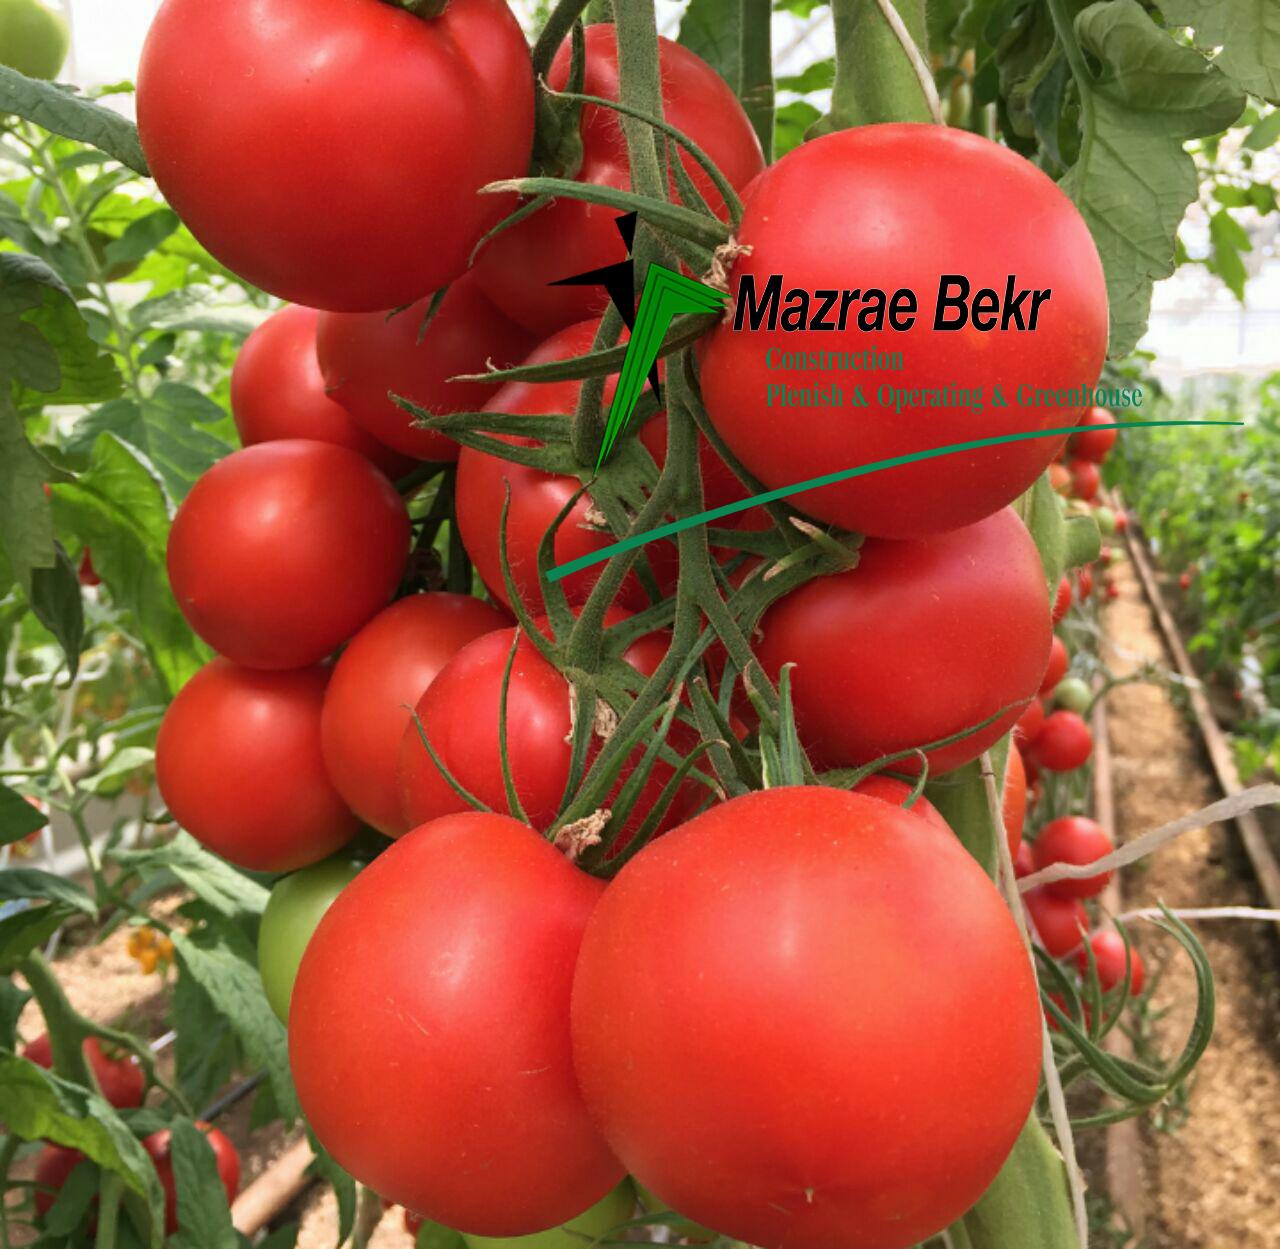 گوجه فرنگی گلخانه ای – کاشت ، داشت ، برداشت ، صادرات گوجه فرنگی گلخانه ای – کاشت ، داشت ، برداشت ، صادرات                            1